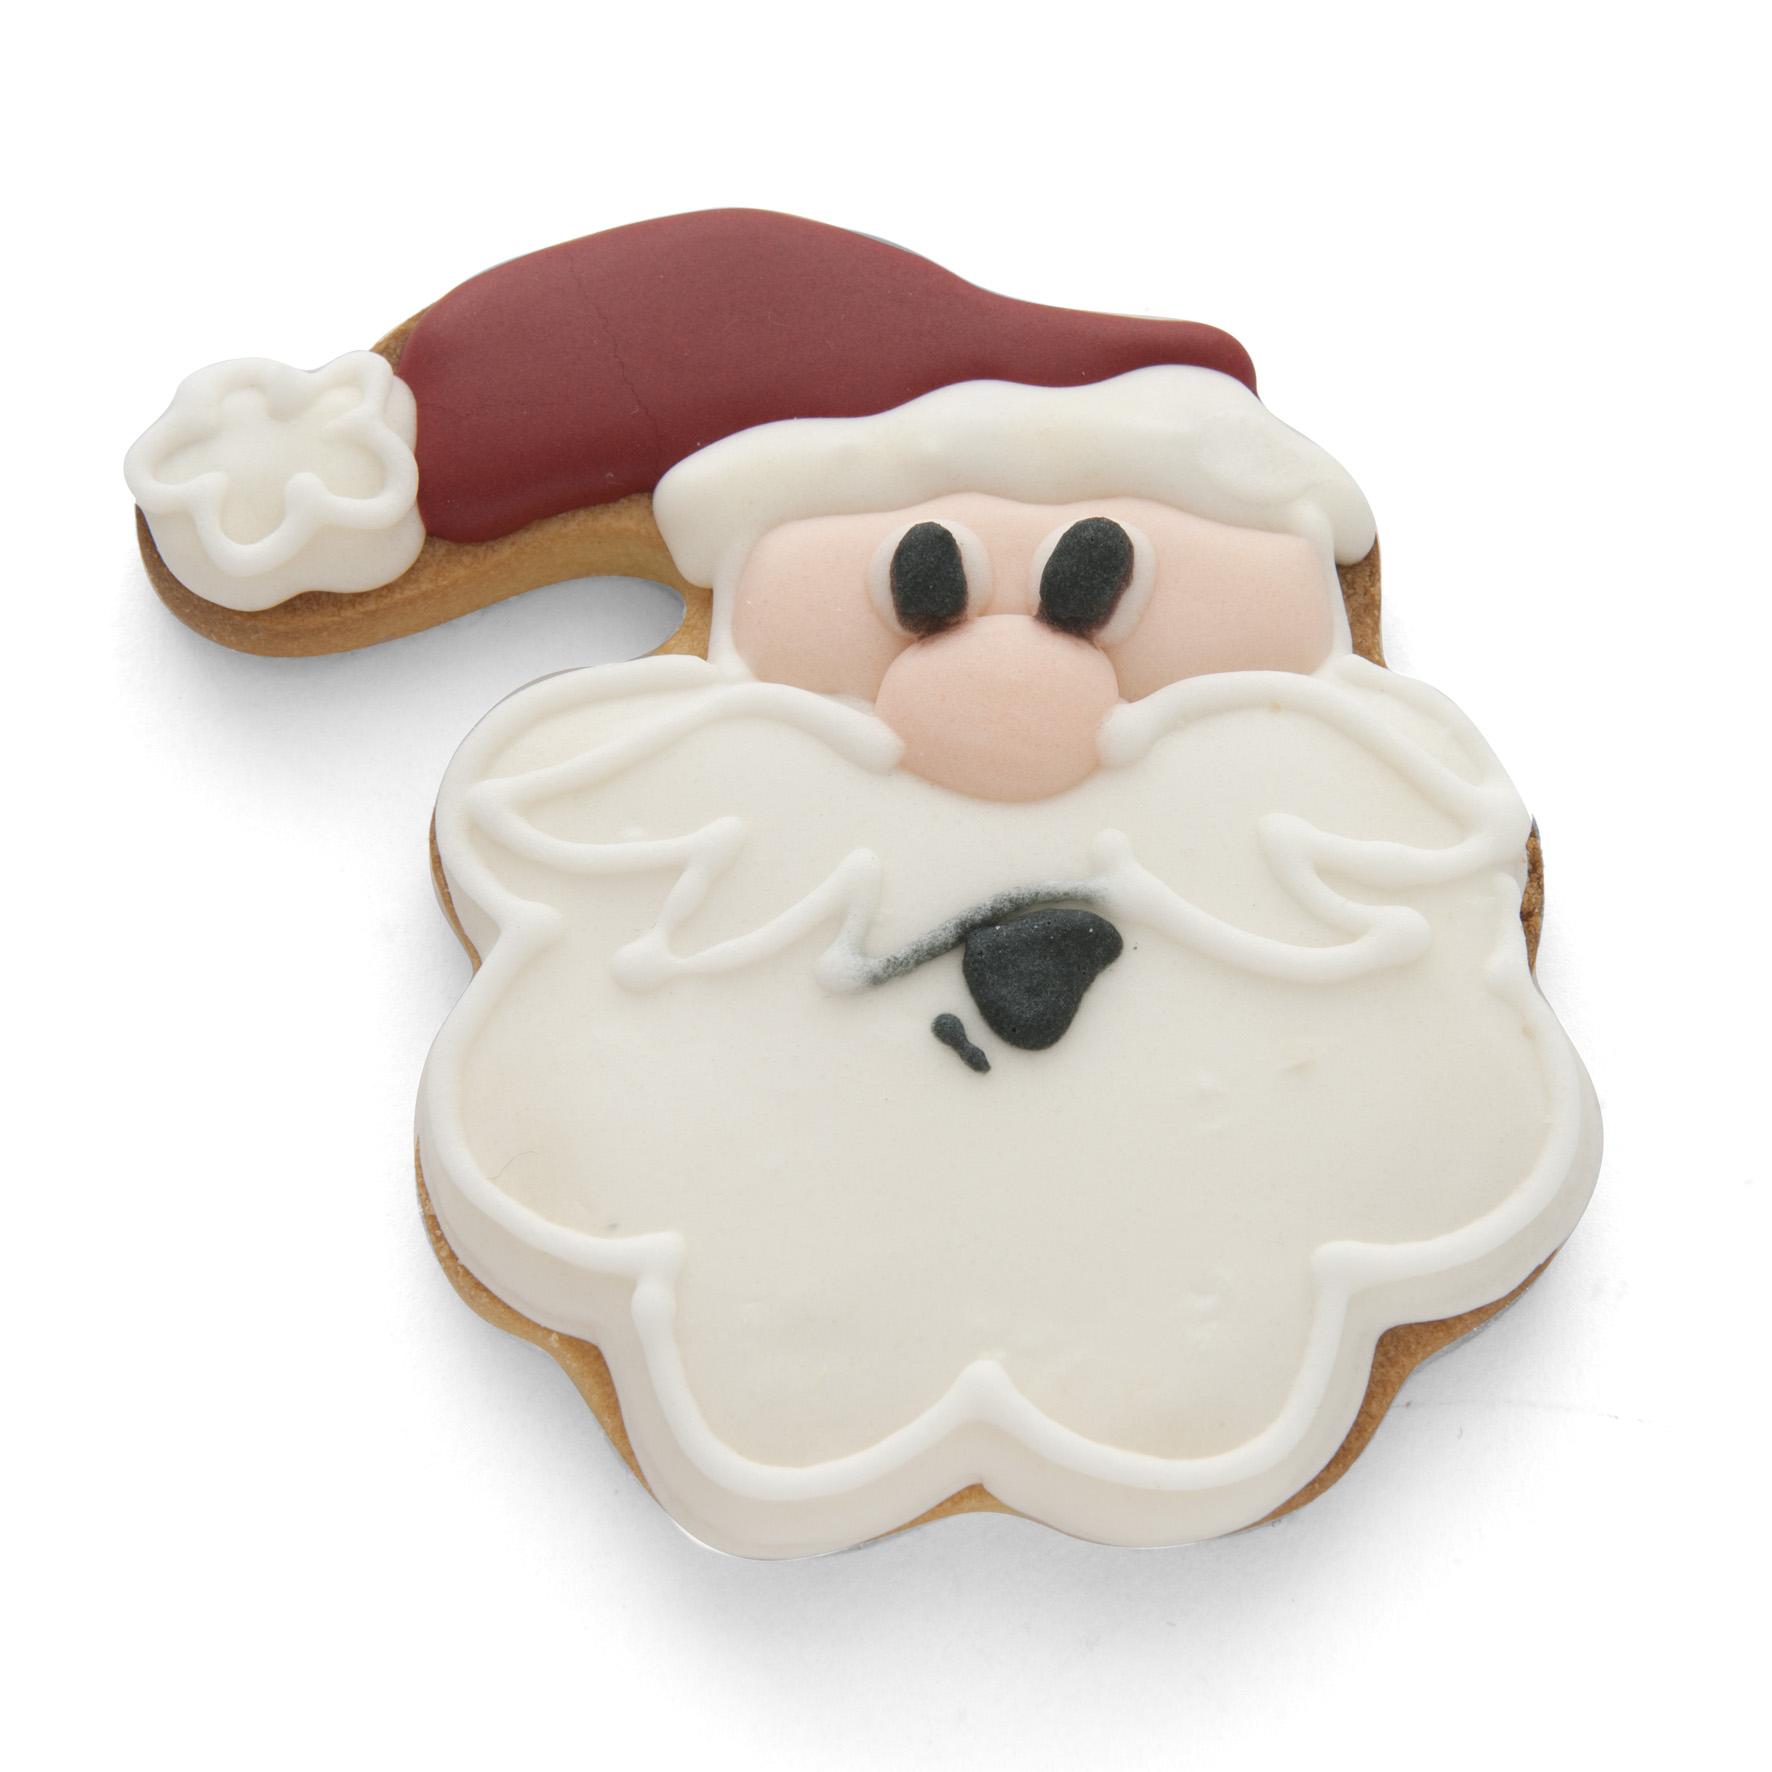 Boobs or butt cookie cutter